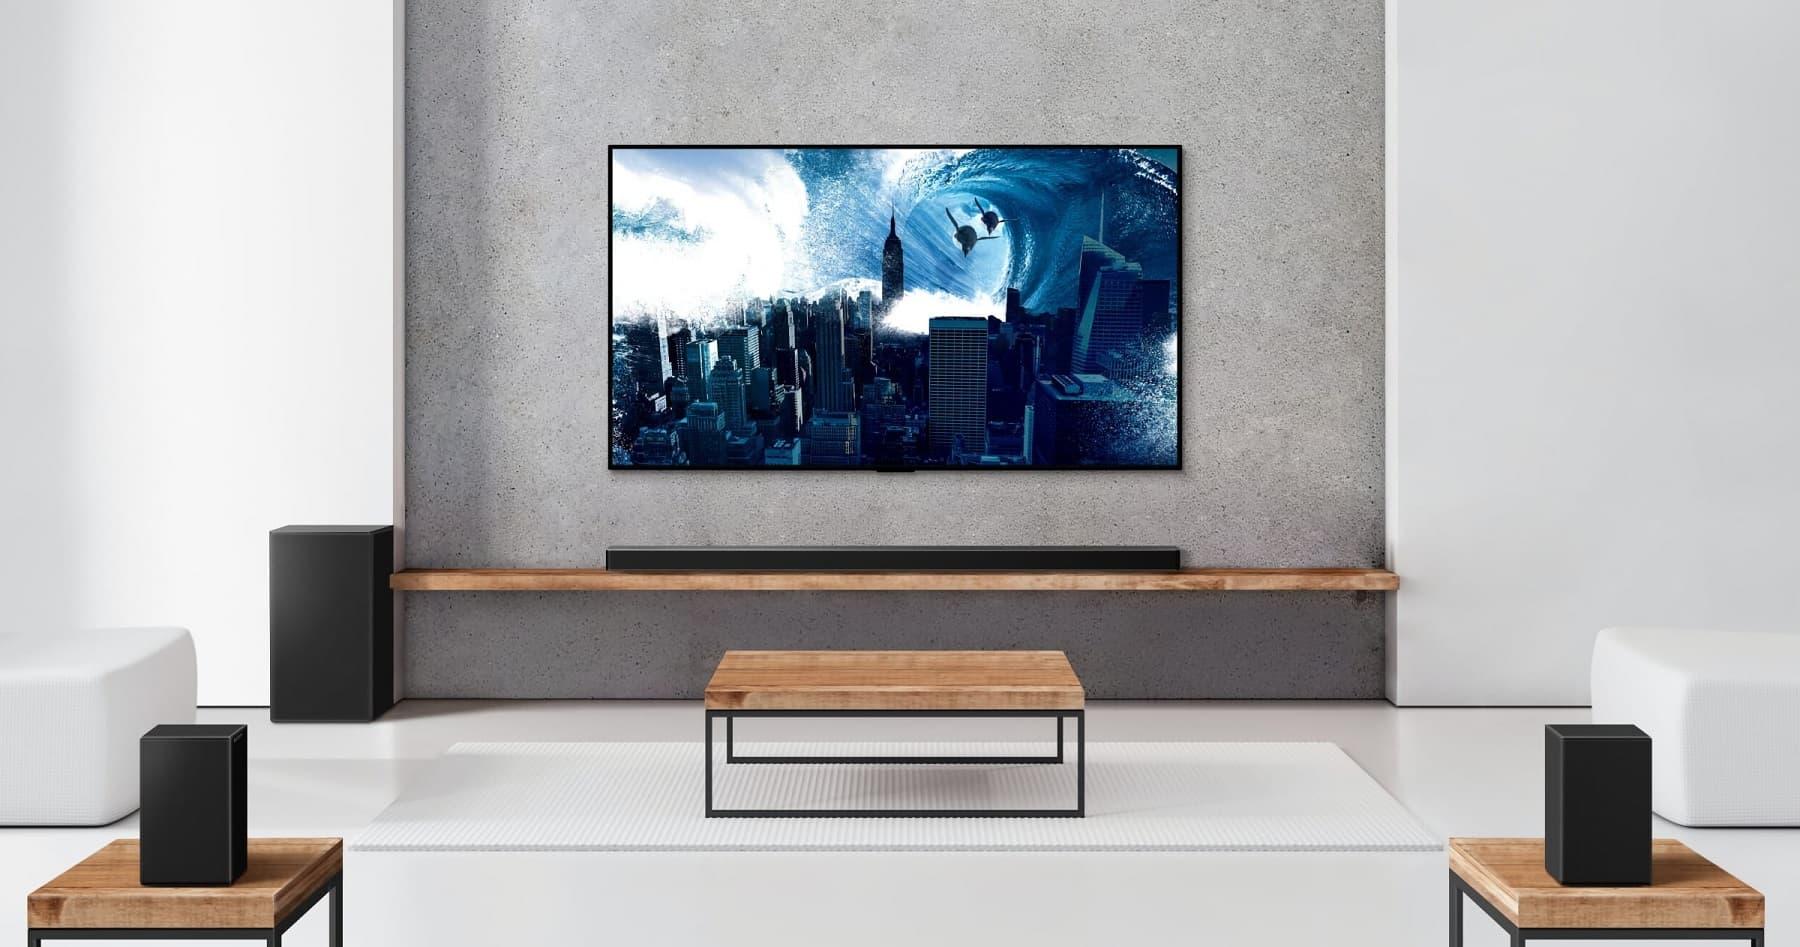 LG wprowadza gamę soundbarów z obsługą AirPlay 2 i Siri